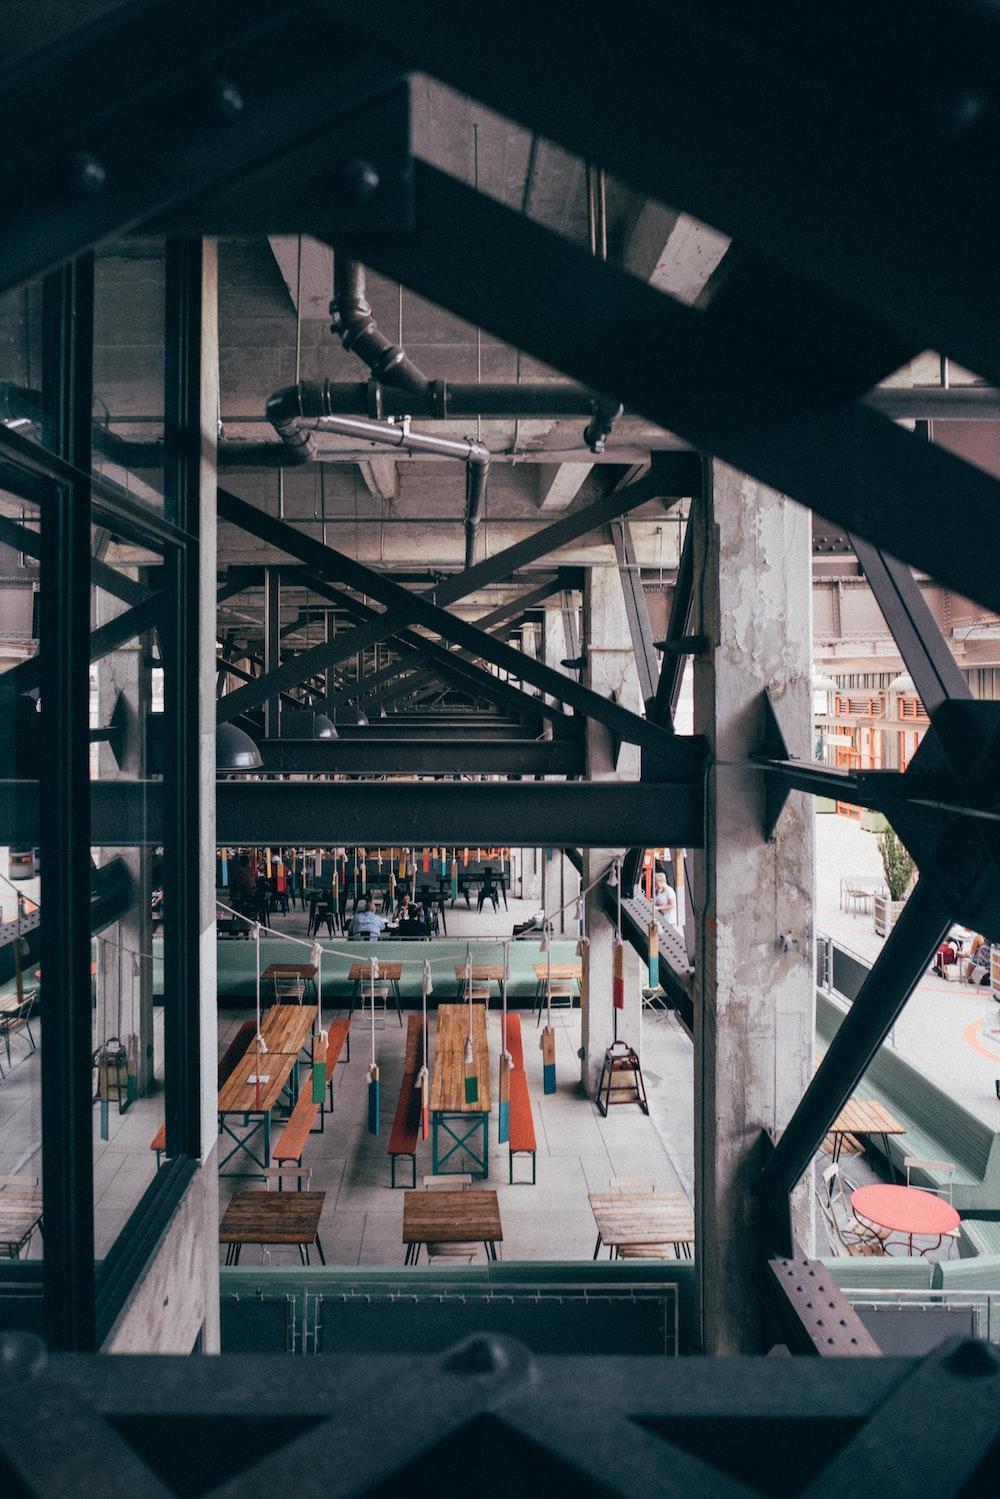 high angle photo of metal surface